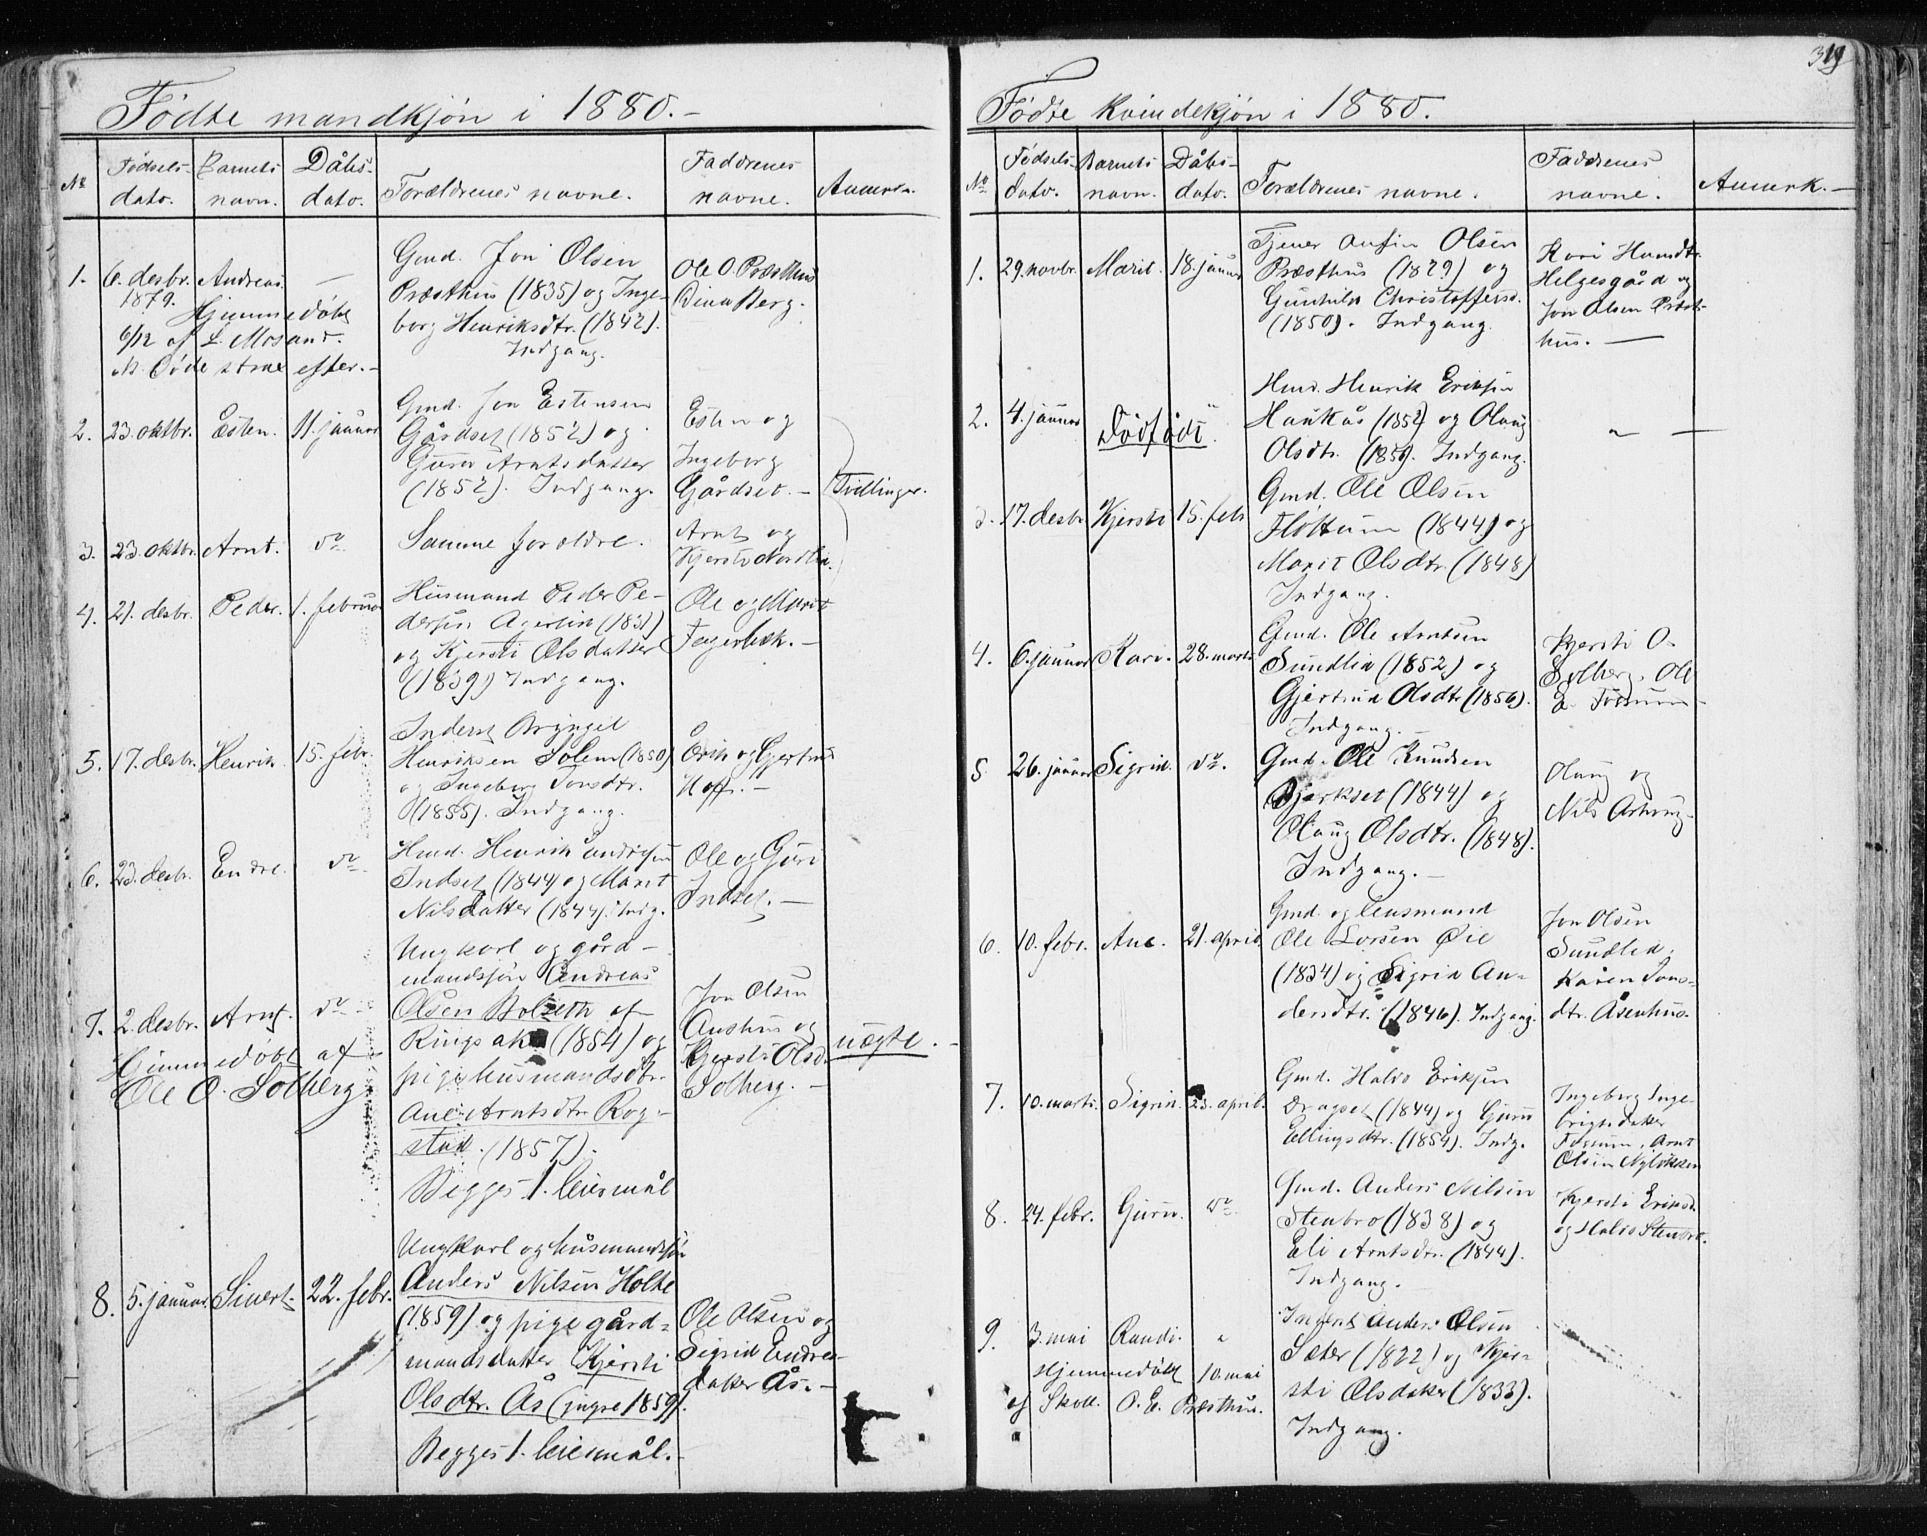 SAT, Ministerialprotokoller, klokkerbøker og fødselsregistre - Sør-Trøndelag, 689/L1043: Klokkerbok nr. 689C02, 1816-1892, s. 319